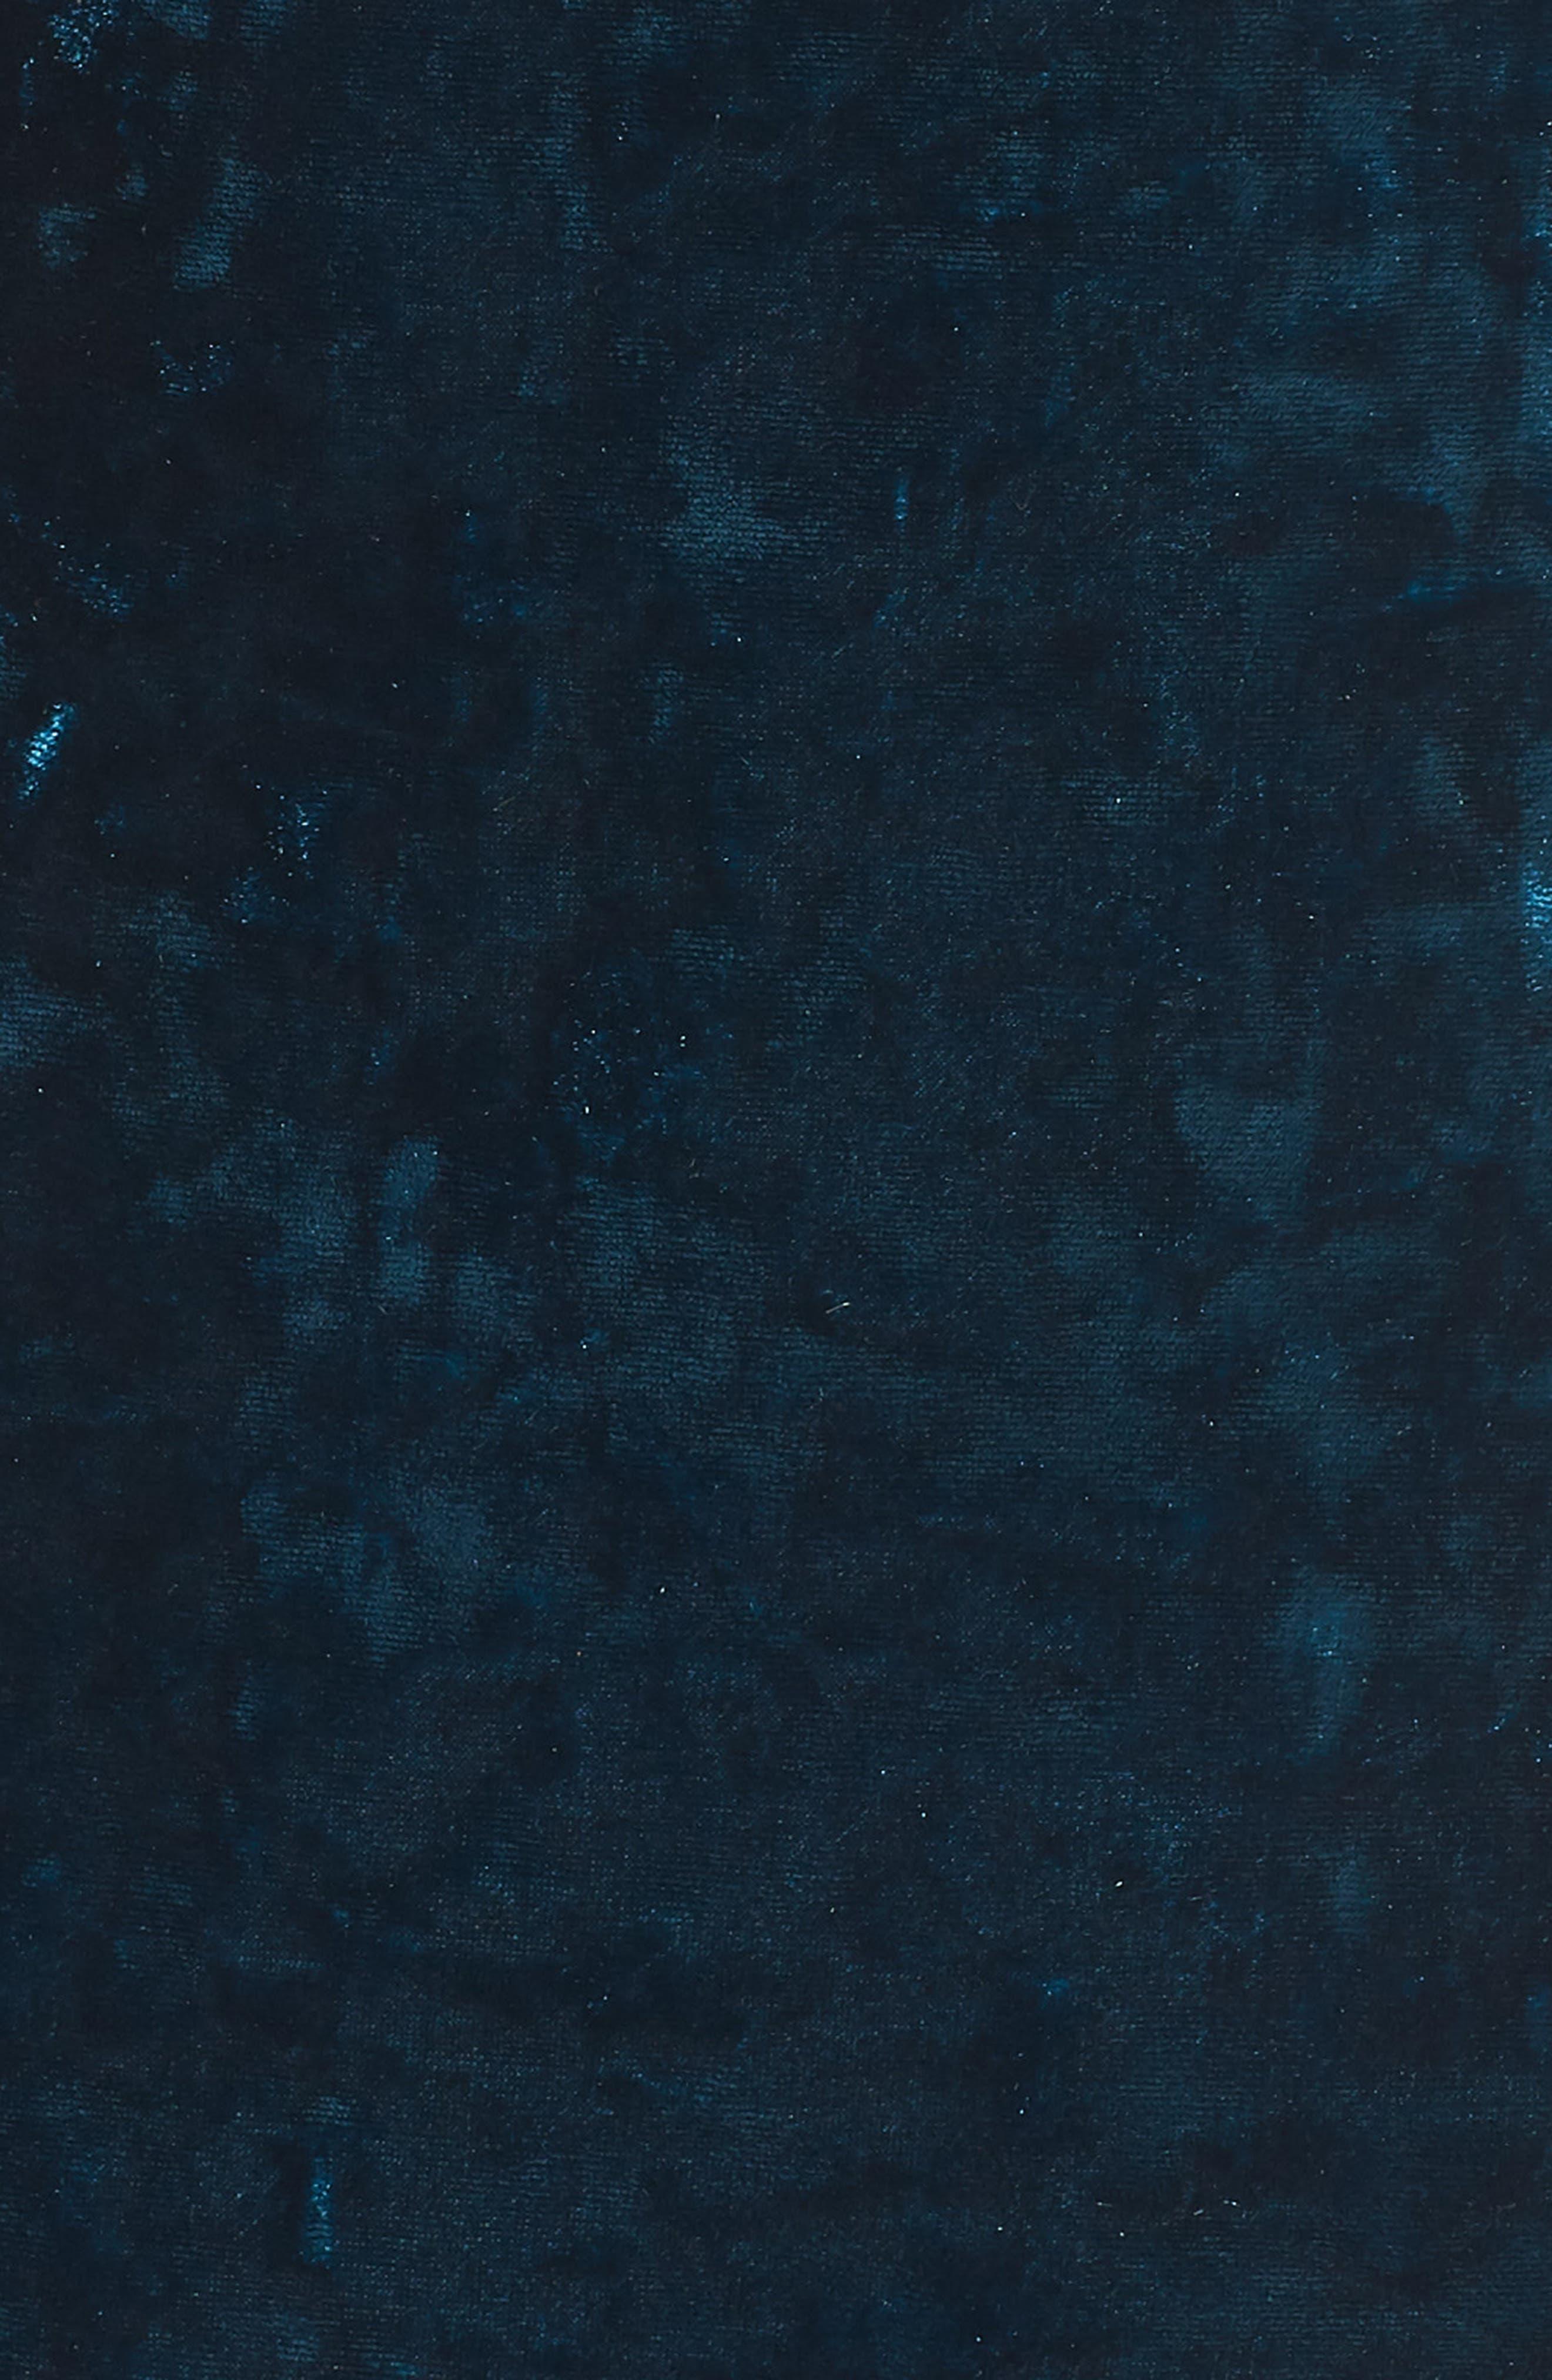 Off the Shoulder Velvet Dress,                             Alternate thumbnail 6, color,                             PEACOCK